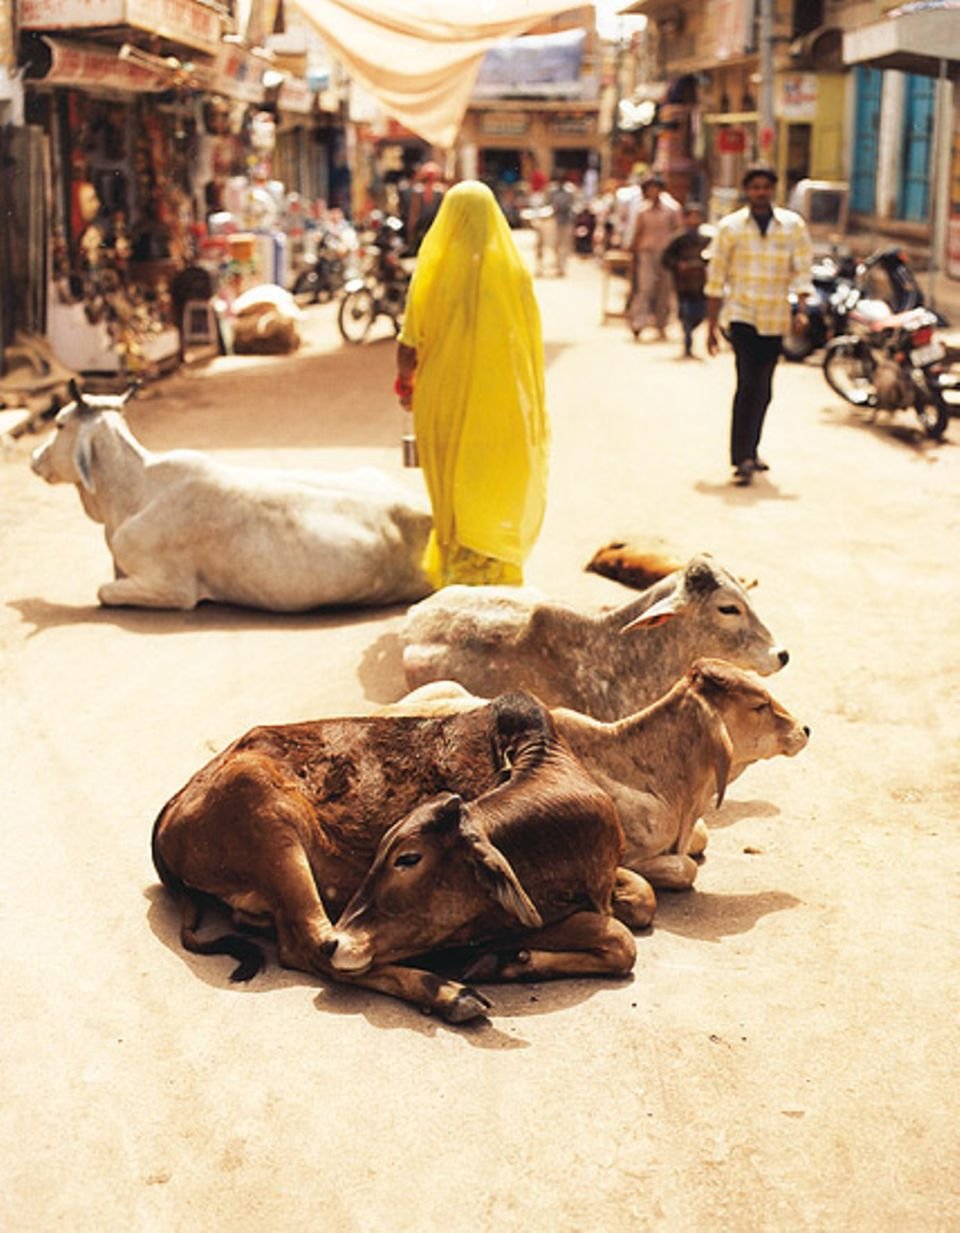 Die heilige Kuh darf in ganz Indien liegen, wo sie gerade mag